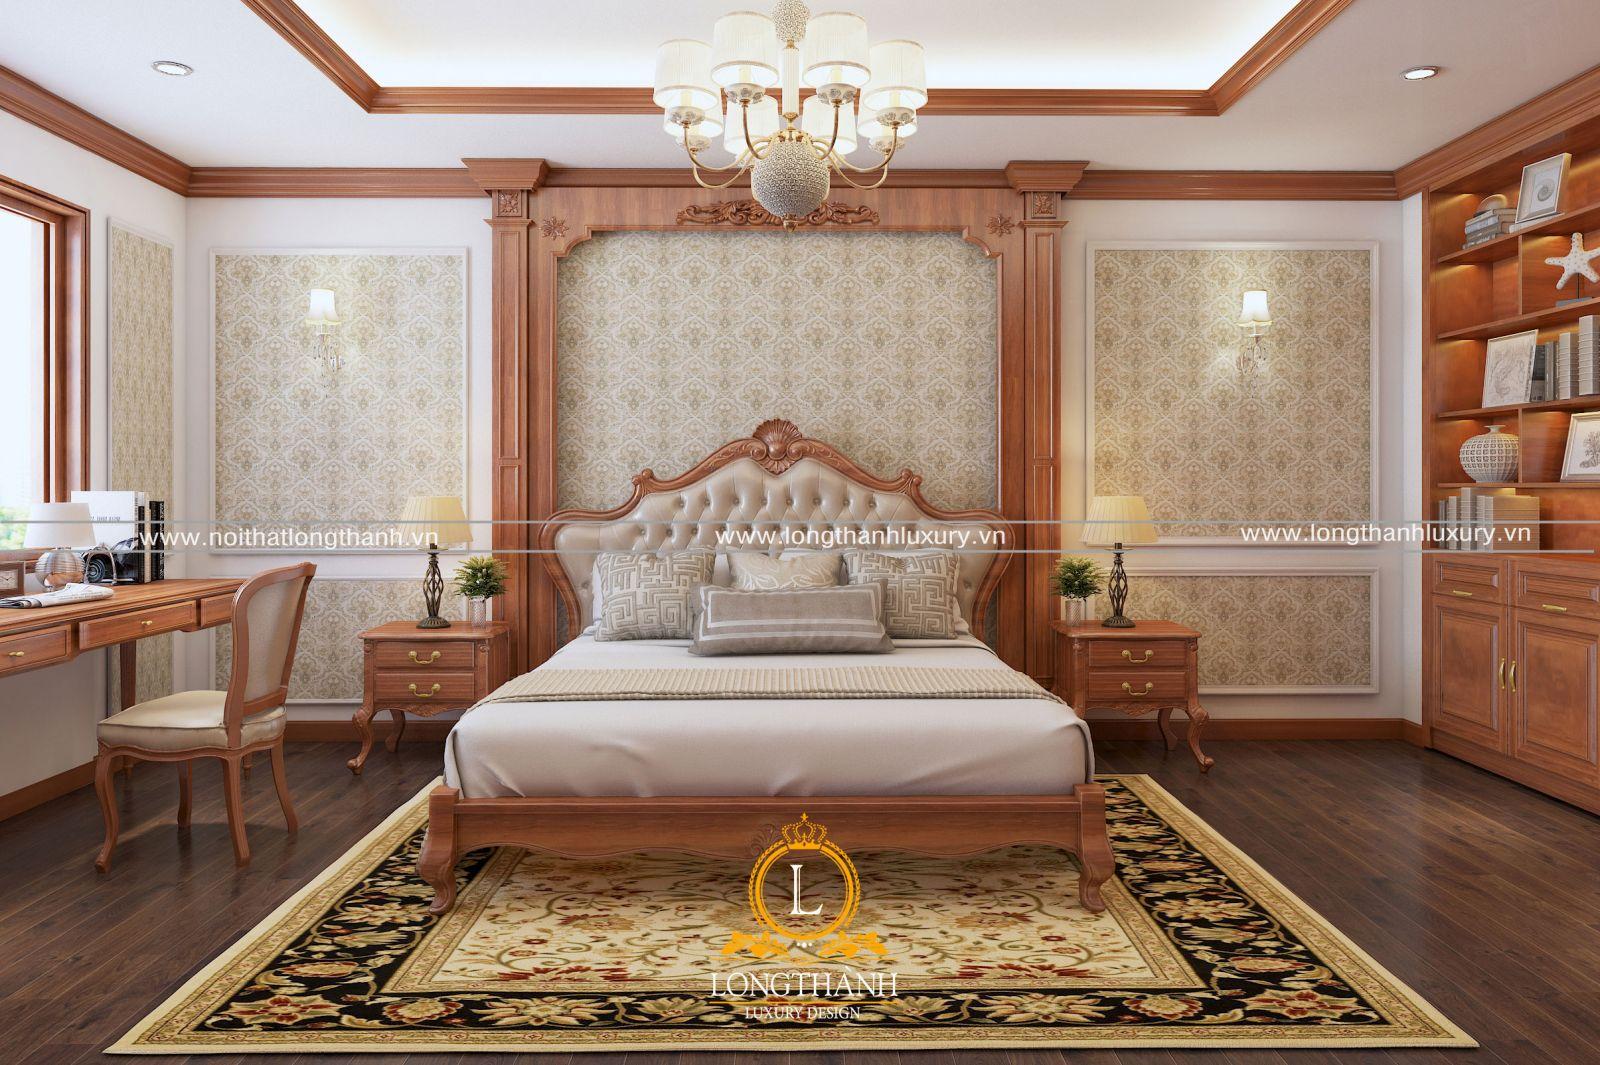 giường làm bằng gỗ hương đá